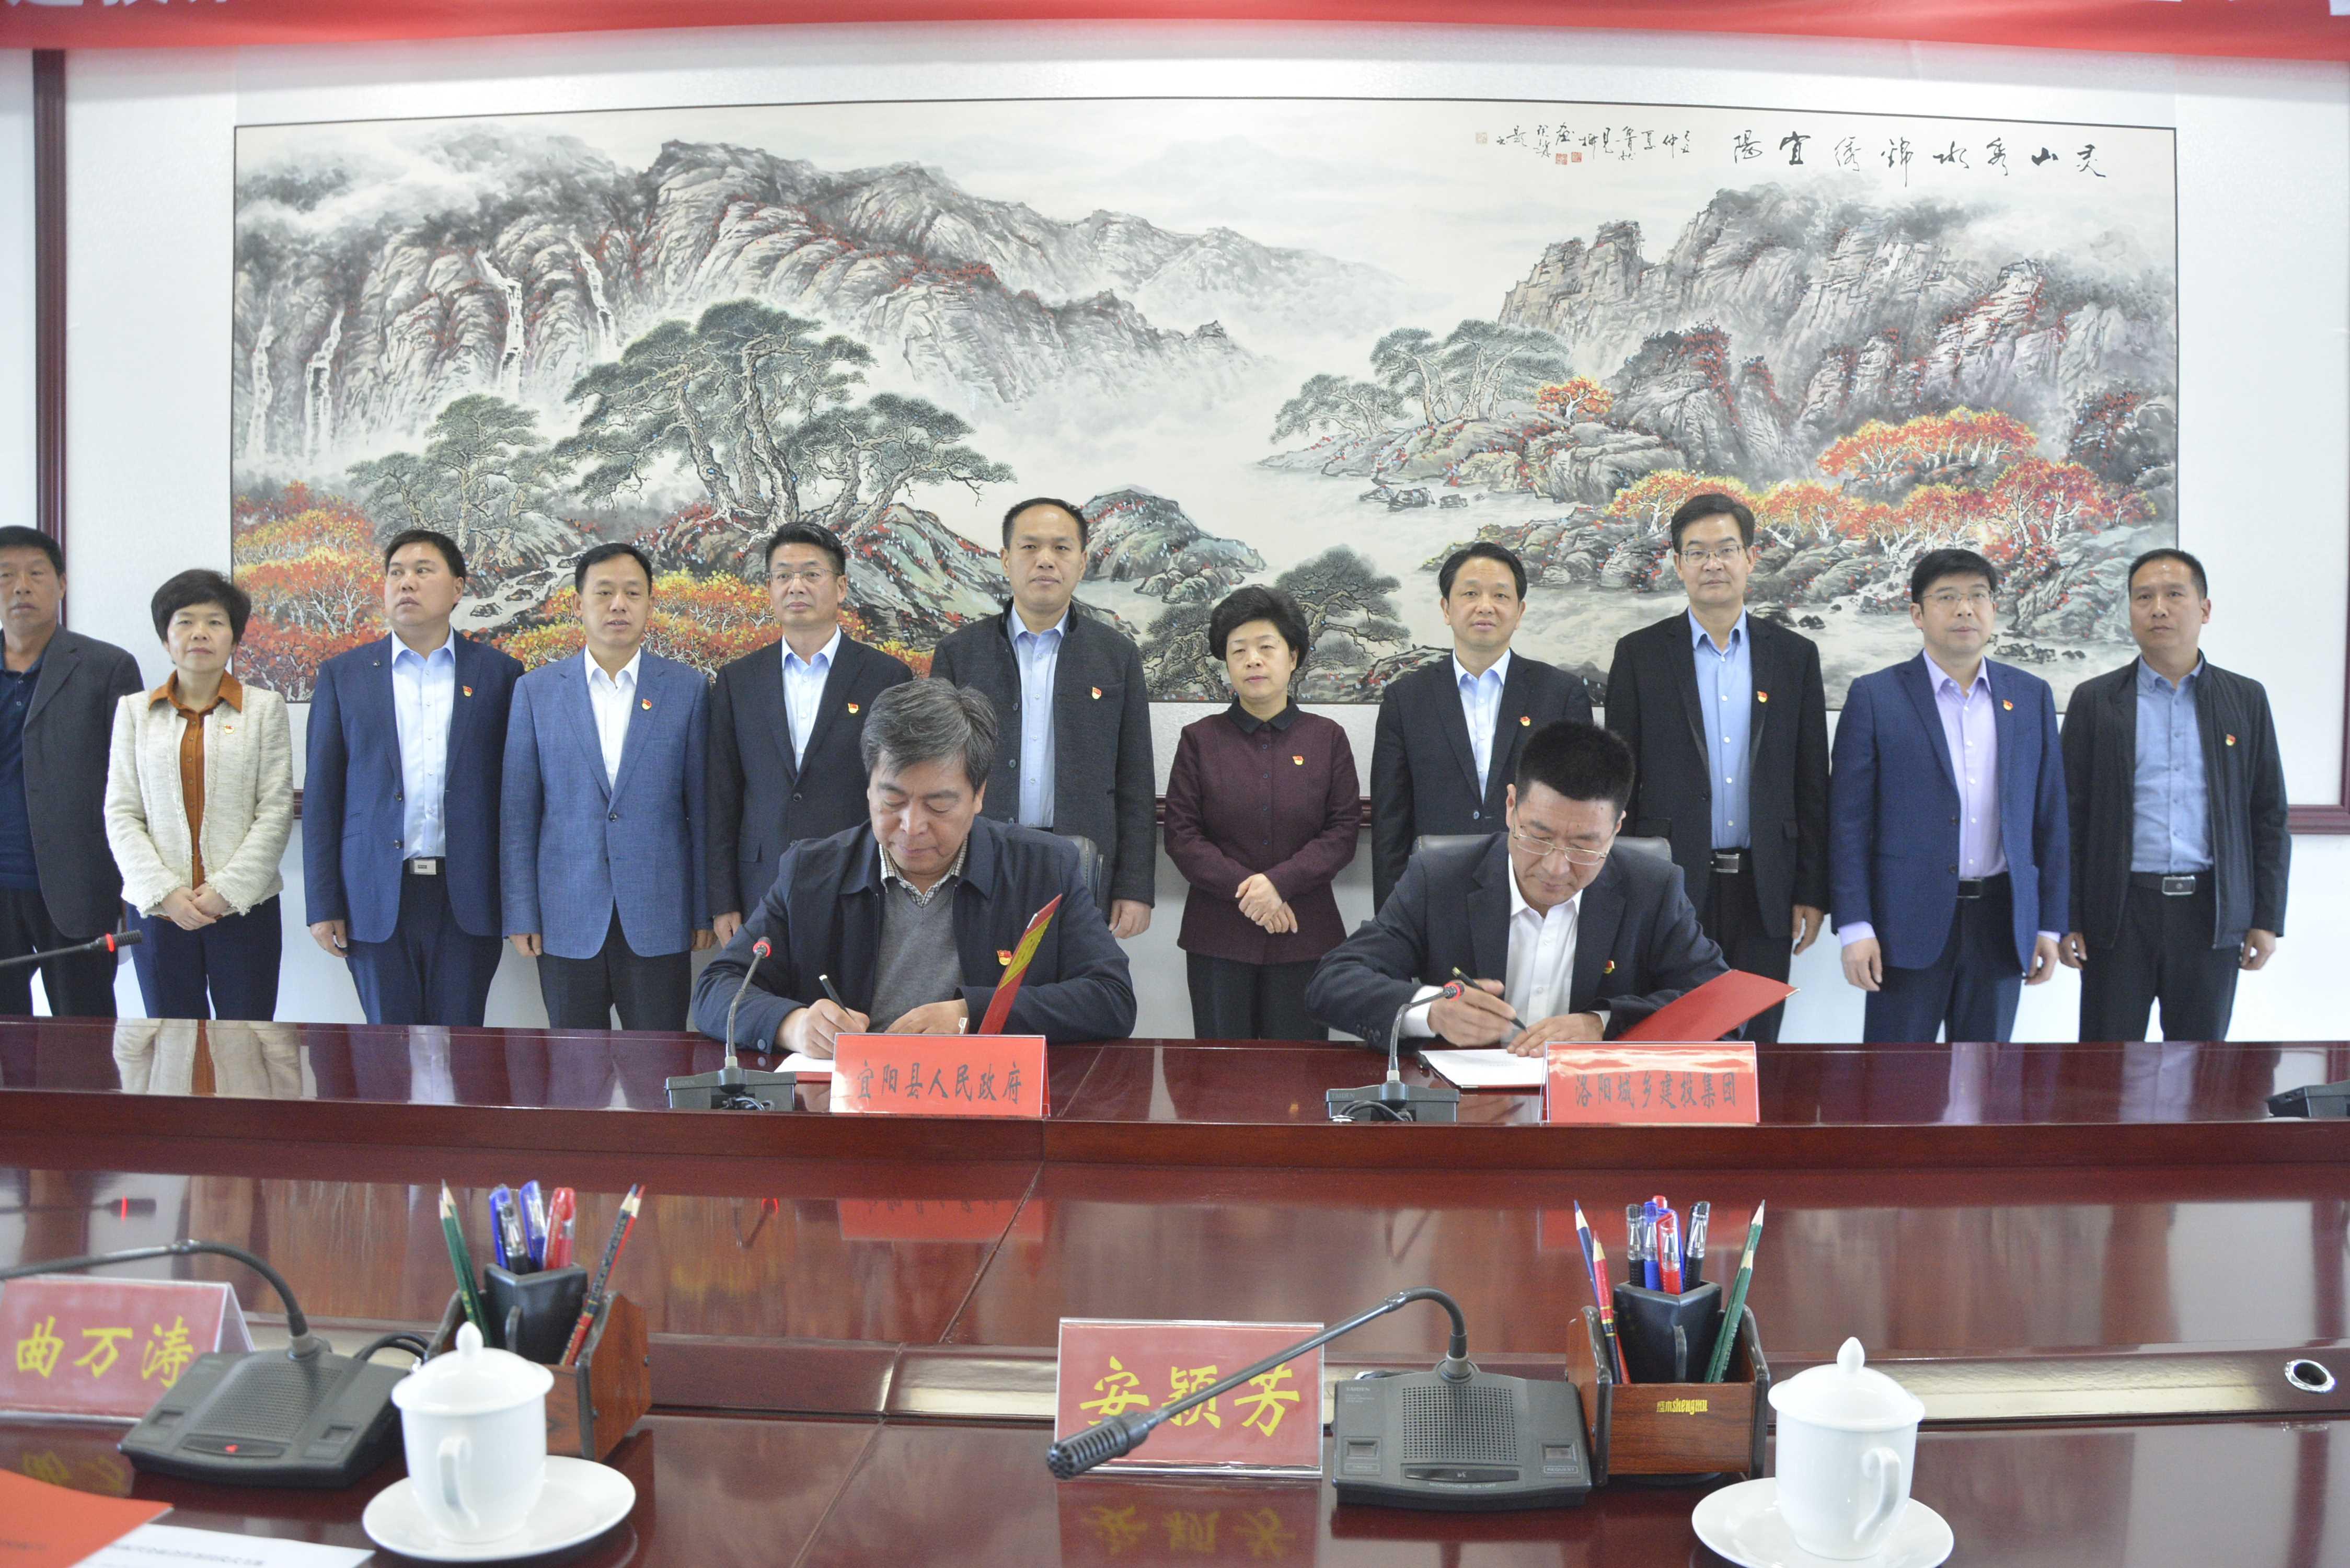 城鄉建投集團與宜陽縣人民政府簽訂鄉村振興全面合作協議